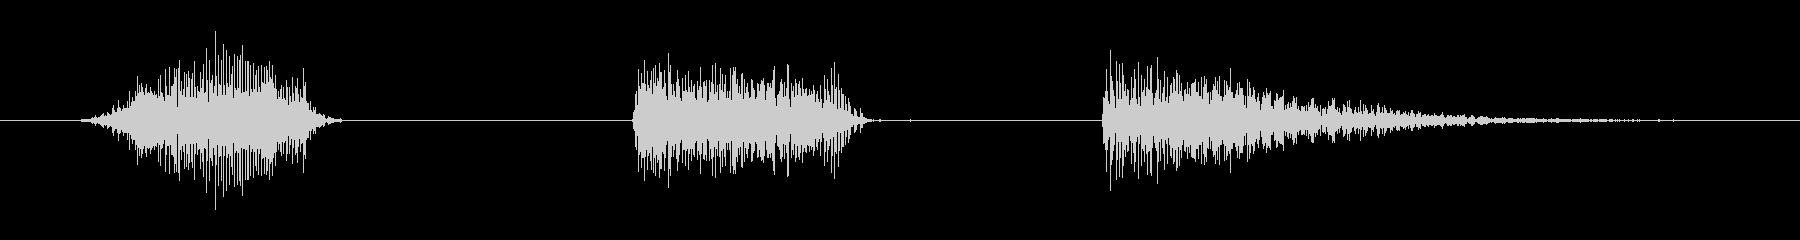 鳴き声 Harrumph Male...の未再生の波形